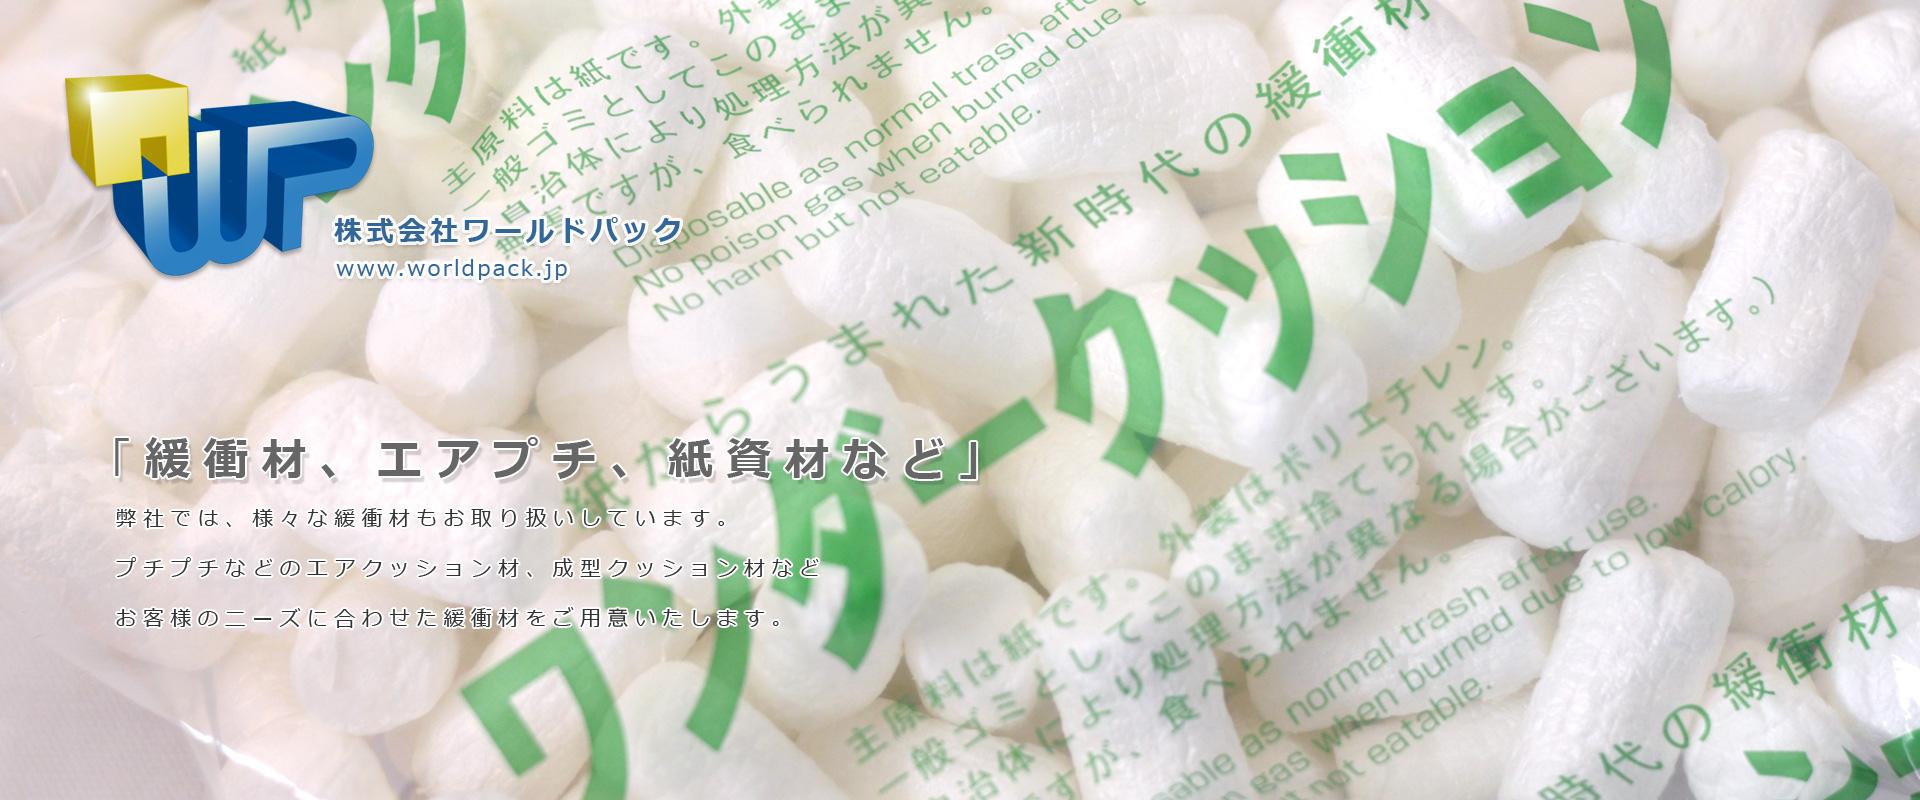 プチプチ、緩衝材、更紙なども小ロットから販売いたします。 株式会社ワールドパック 東京、神奈川、埼玉、千葉、茨城、群馬、栃木